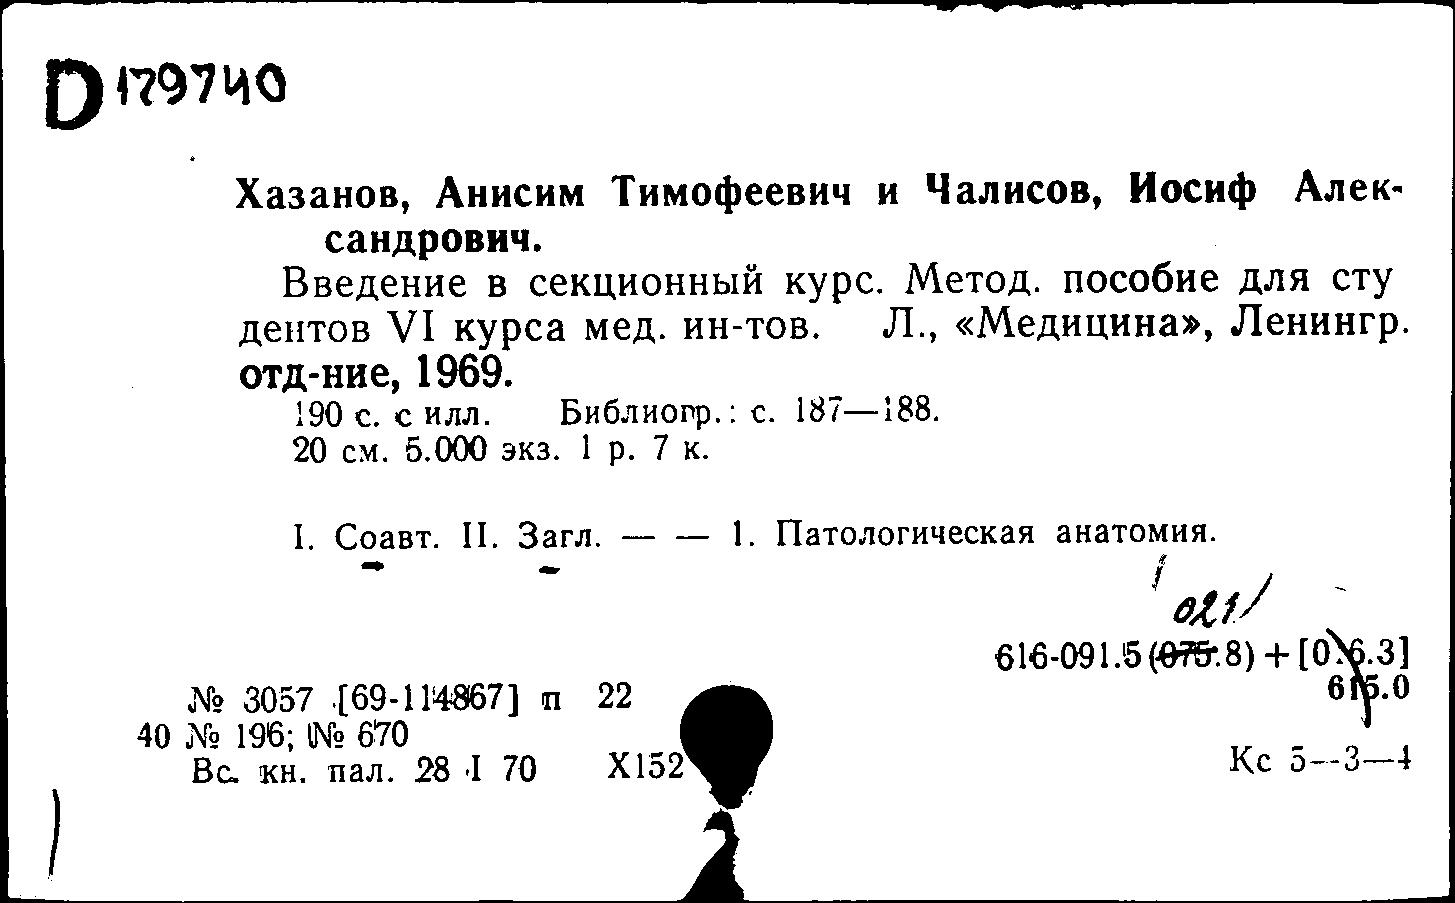 руководство по секционному курсу хазанов чалисов